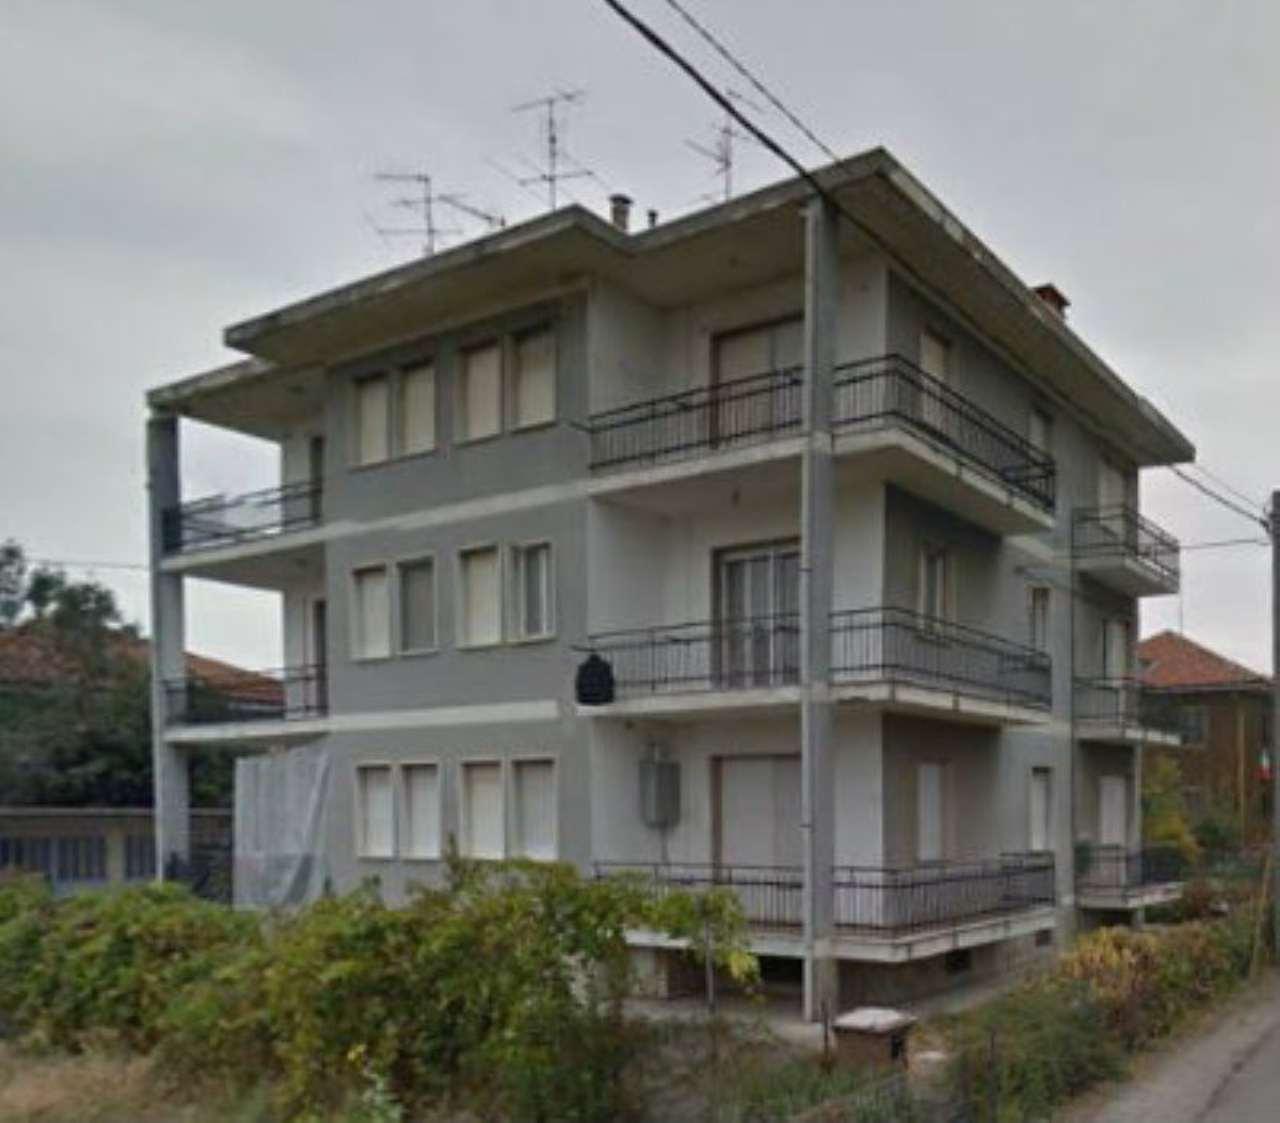 Palazzo / Stabile in vendita a San Maurizio Canavese, 21 locali, prezzo € 395.000 | CambioCasa.it